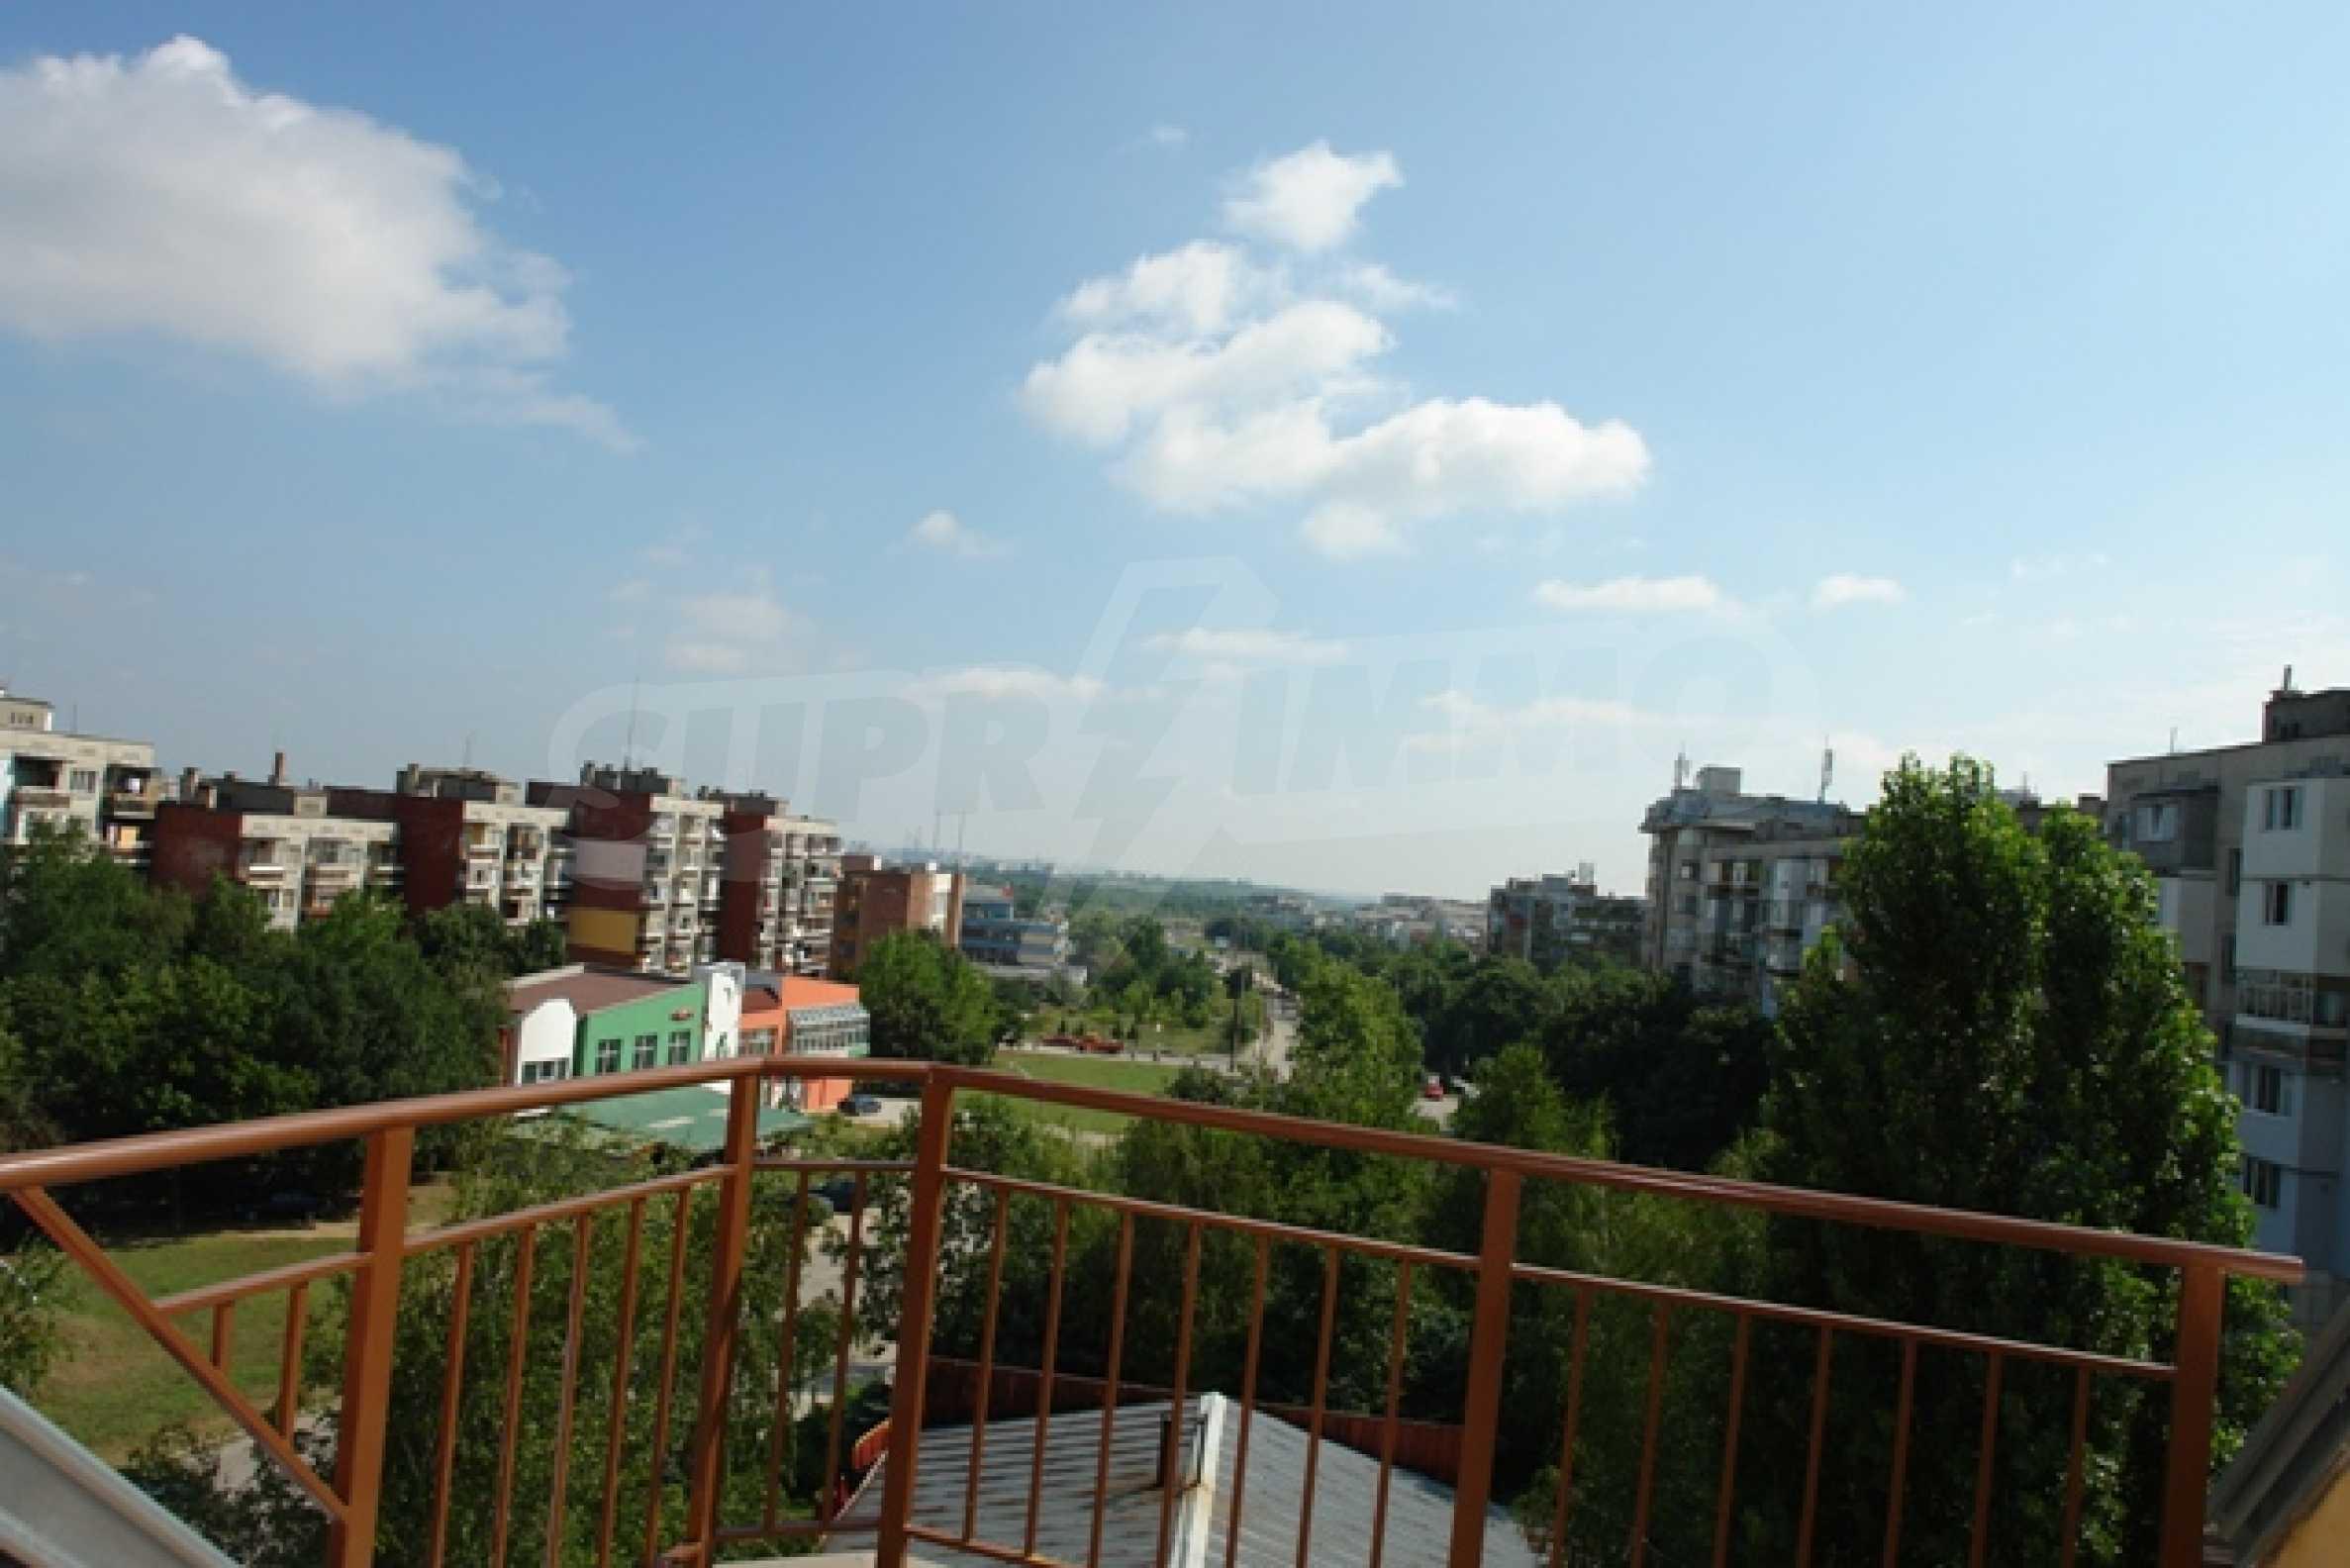 Тристаен апартамент в Русе с невероятна панорама към града 25